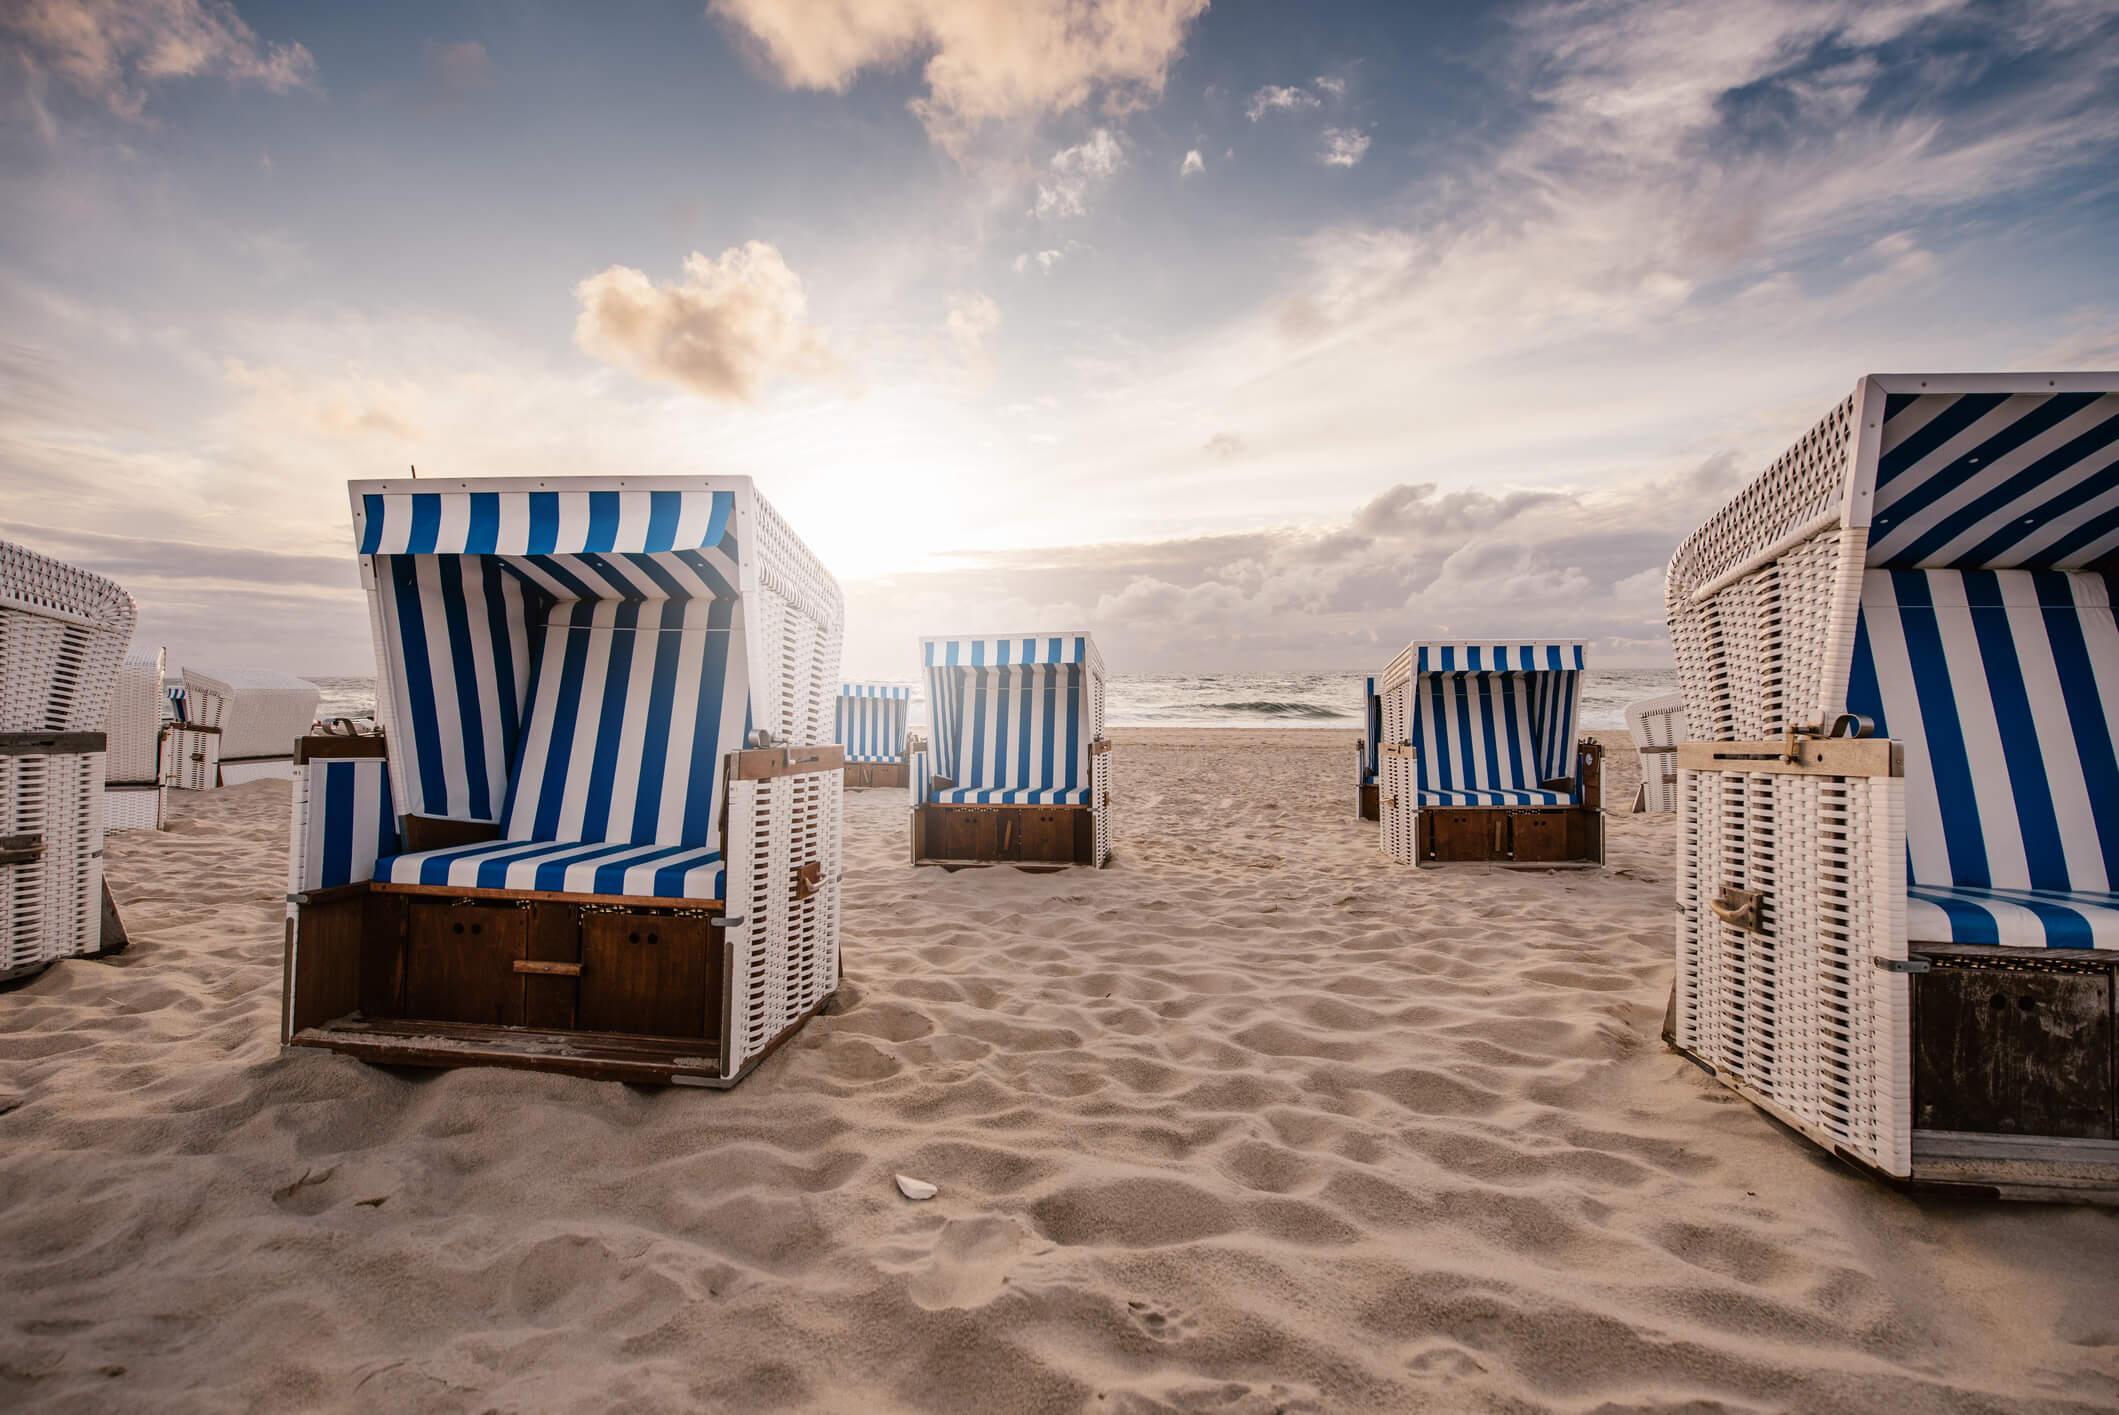 Nordseestrand mit Strandkorb – Reisen in Deutschland weiterhin attraktiv.